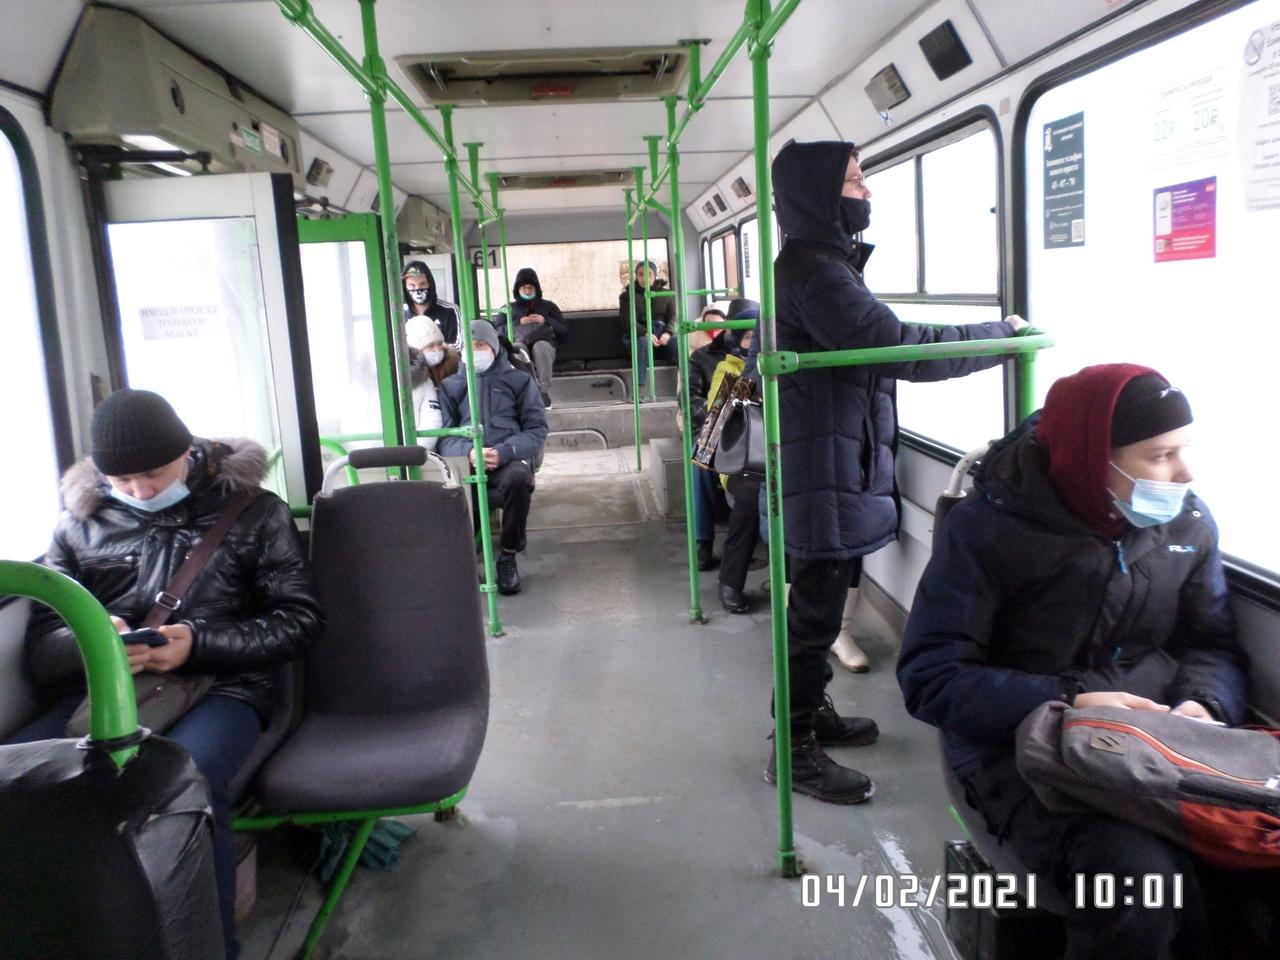 В Тамбове выявили нарушения масочного режима в общественном транспорте